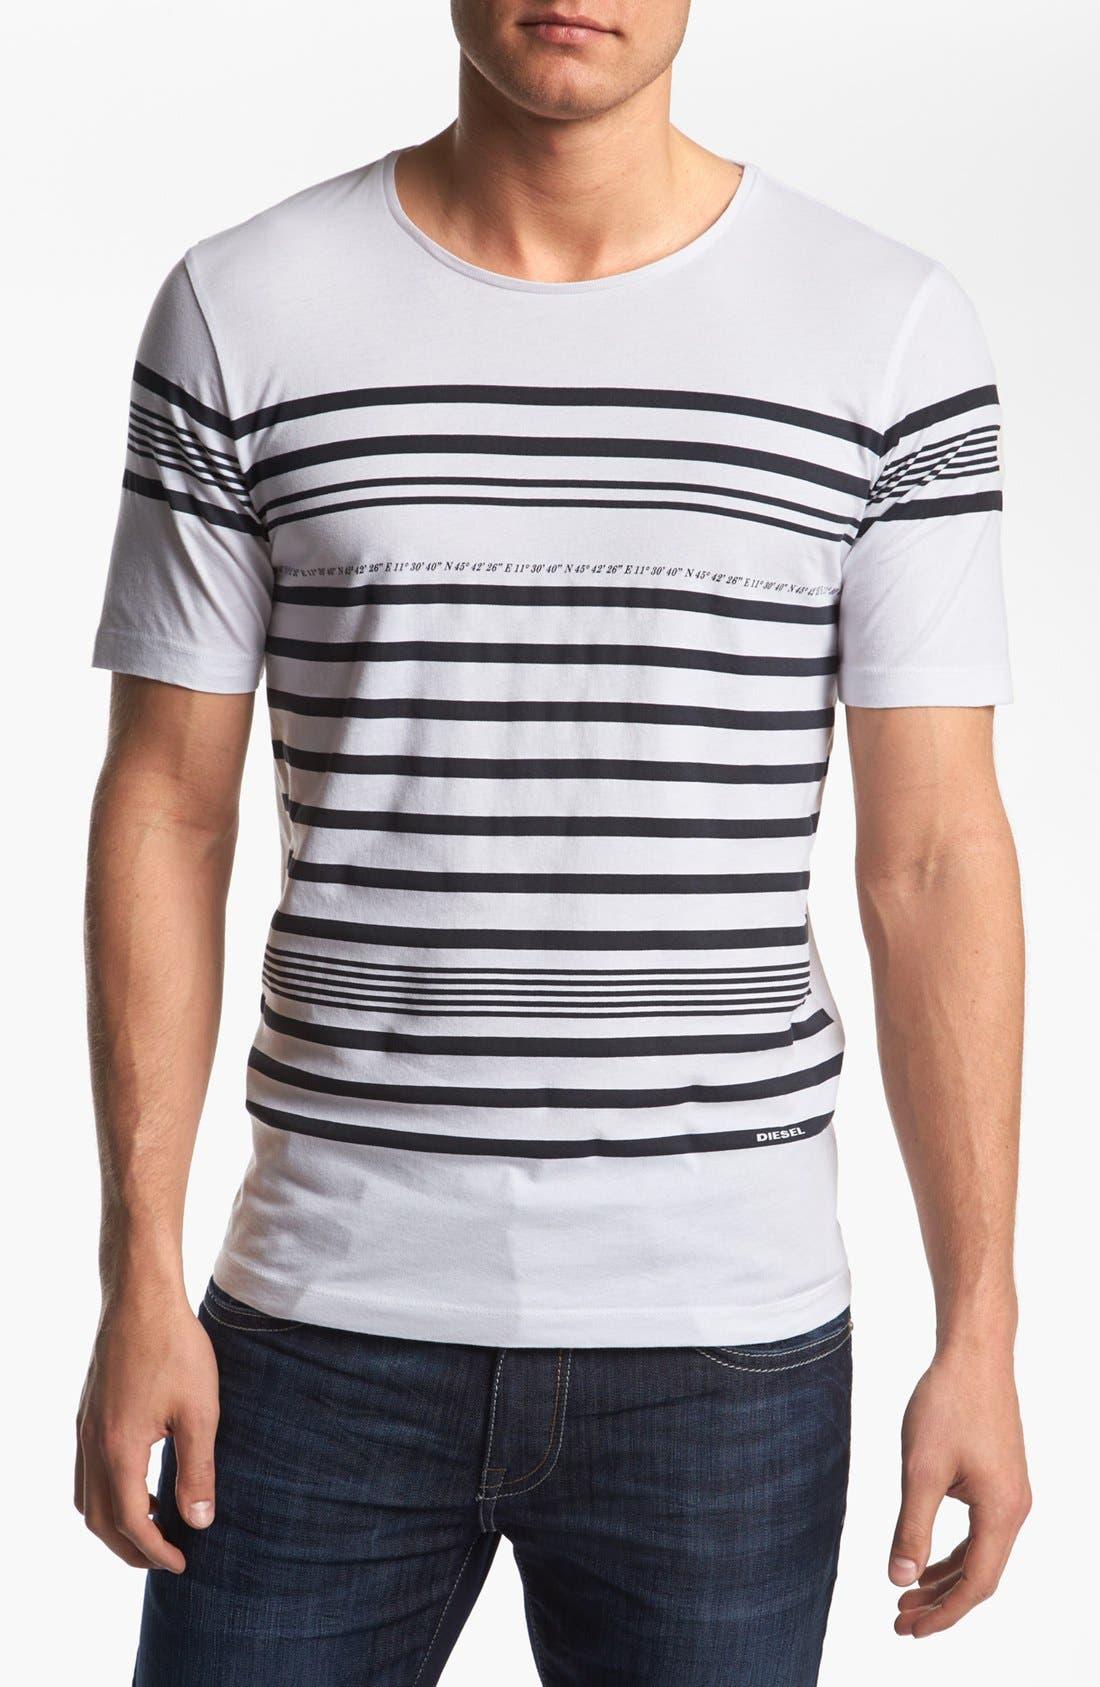 Alternate Image 1 Selected - DIESEL® 'T-Orlyr' T-Shirt